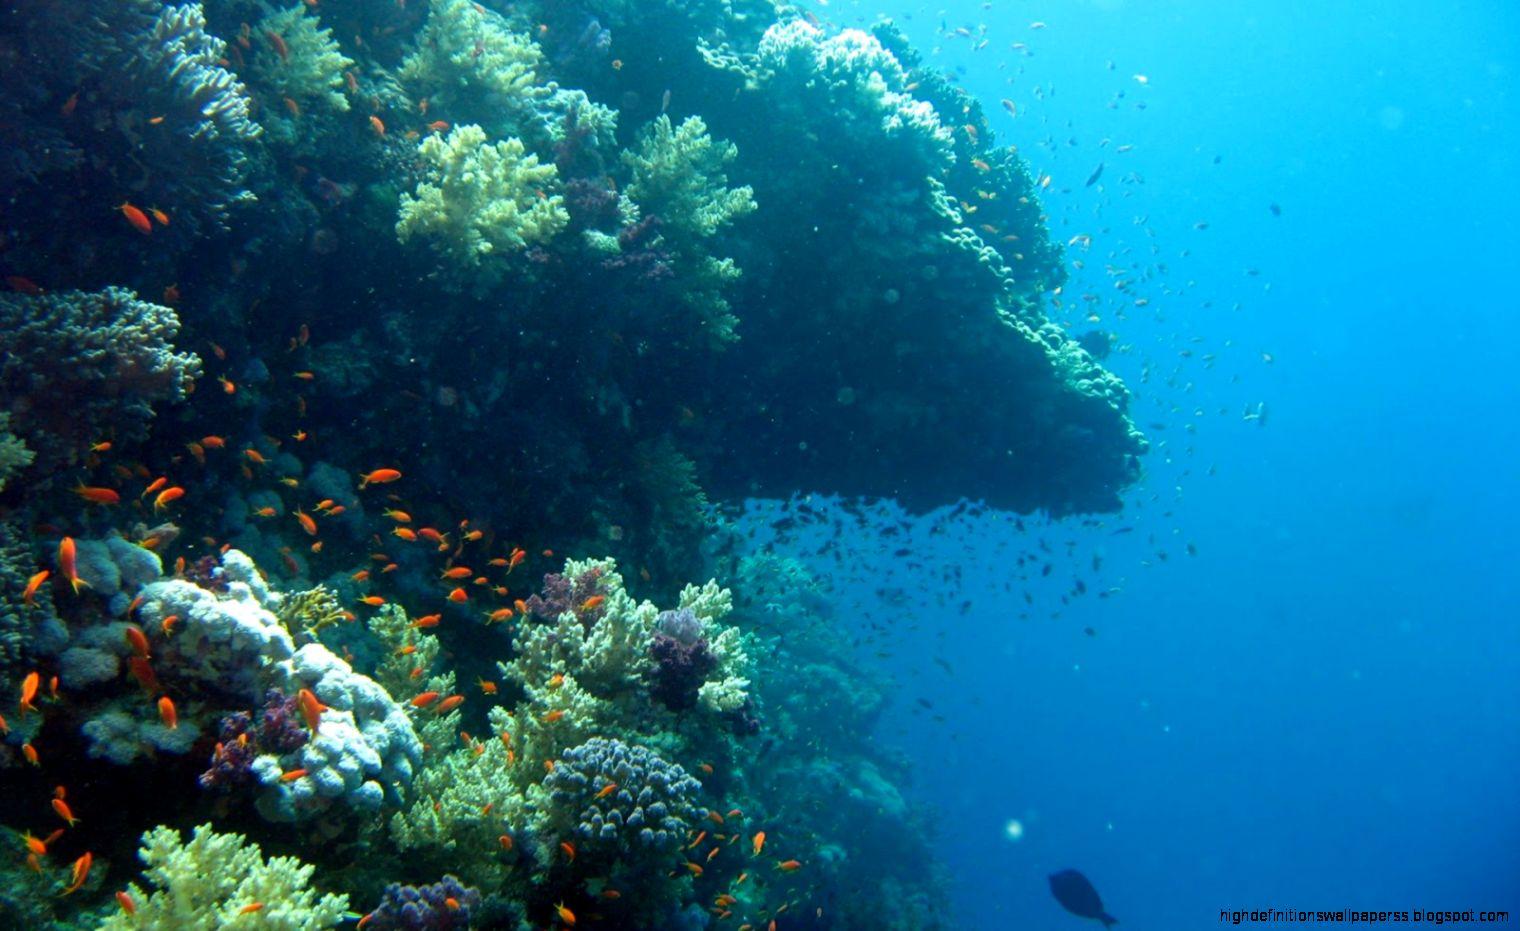 underwater desktop wallpapers hd - photo #11